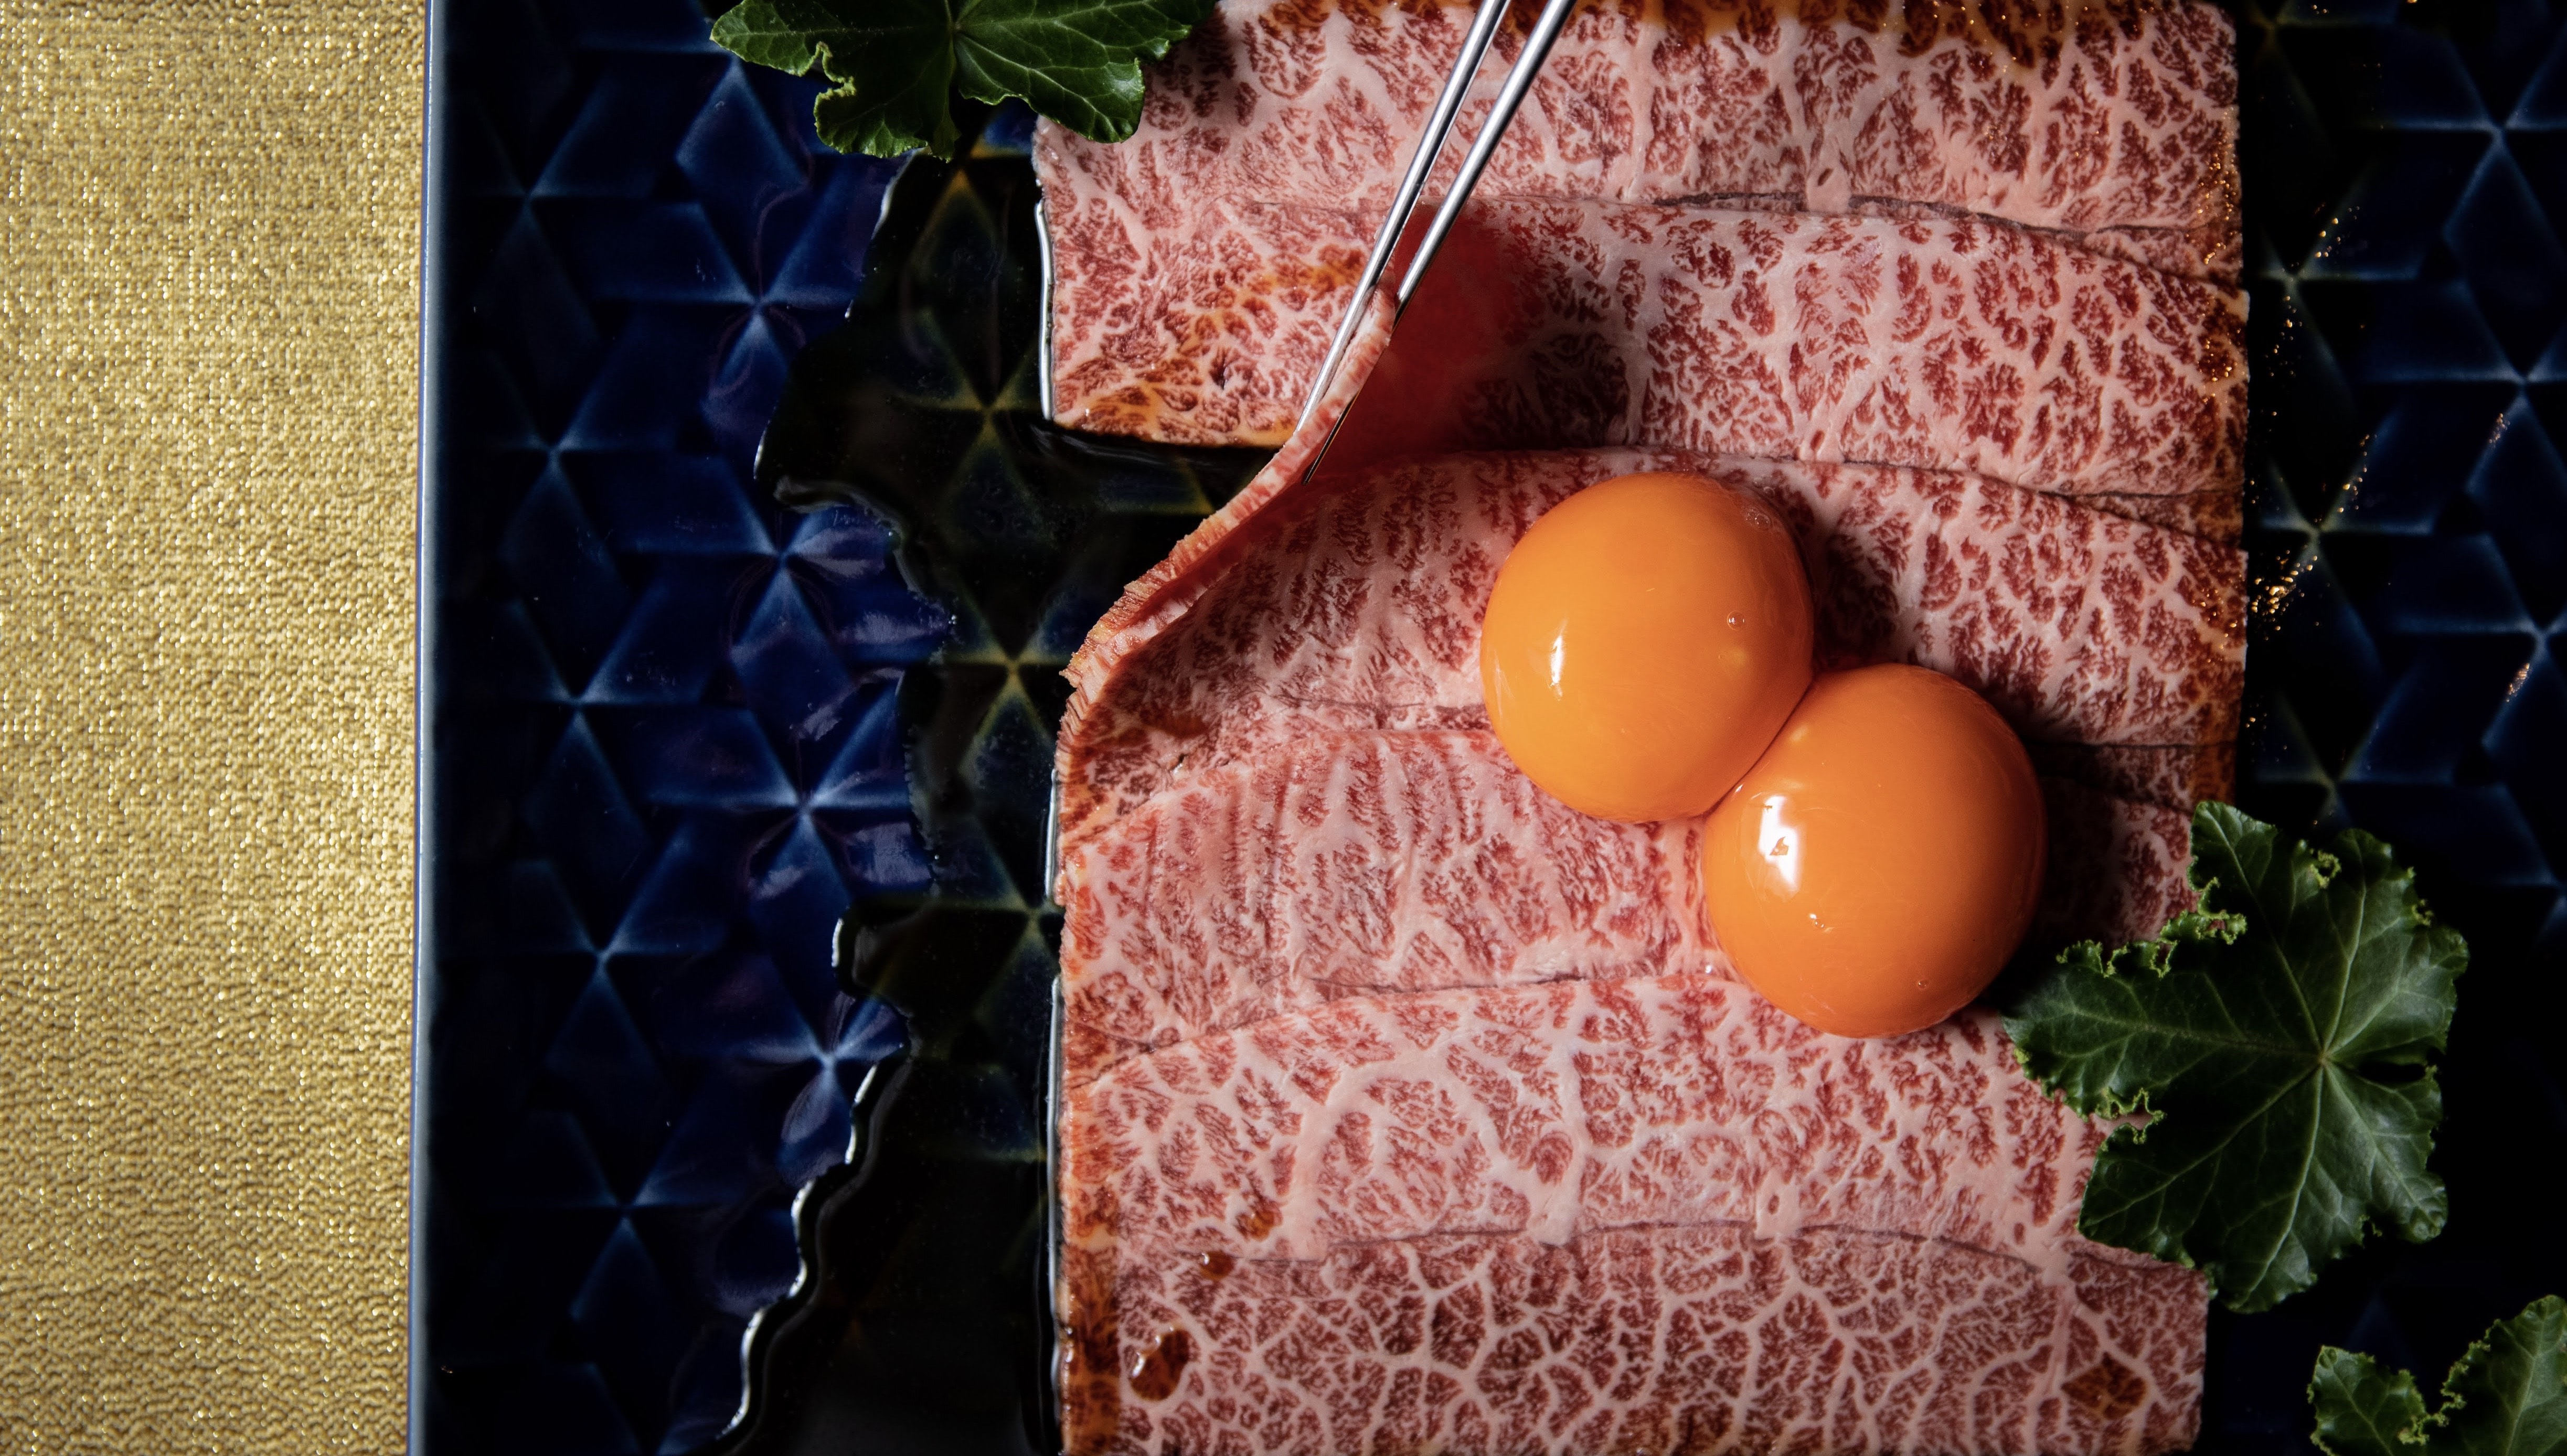 幻のタンが楽しめる!大須の「肉亭まぼたん」で和牛焼肉を堪能しよう - 2001 mabotan 64 Original